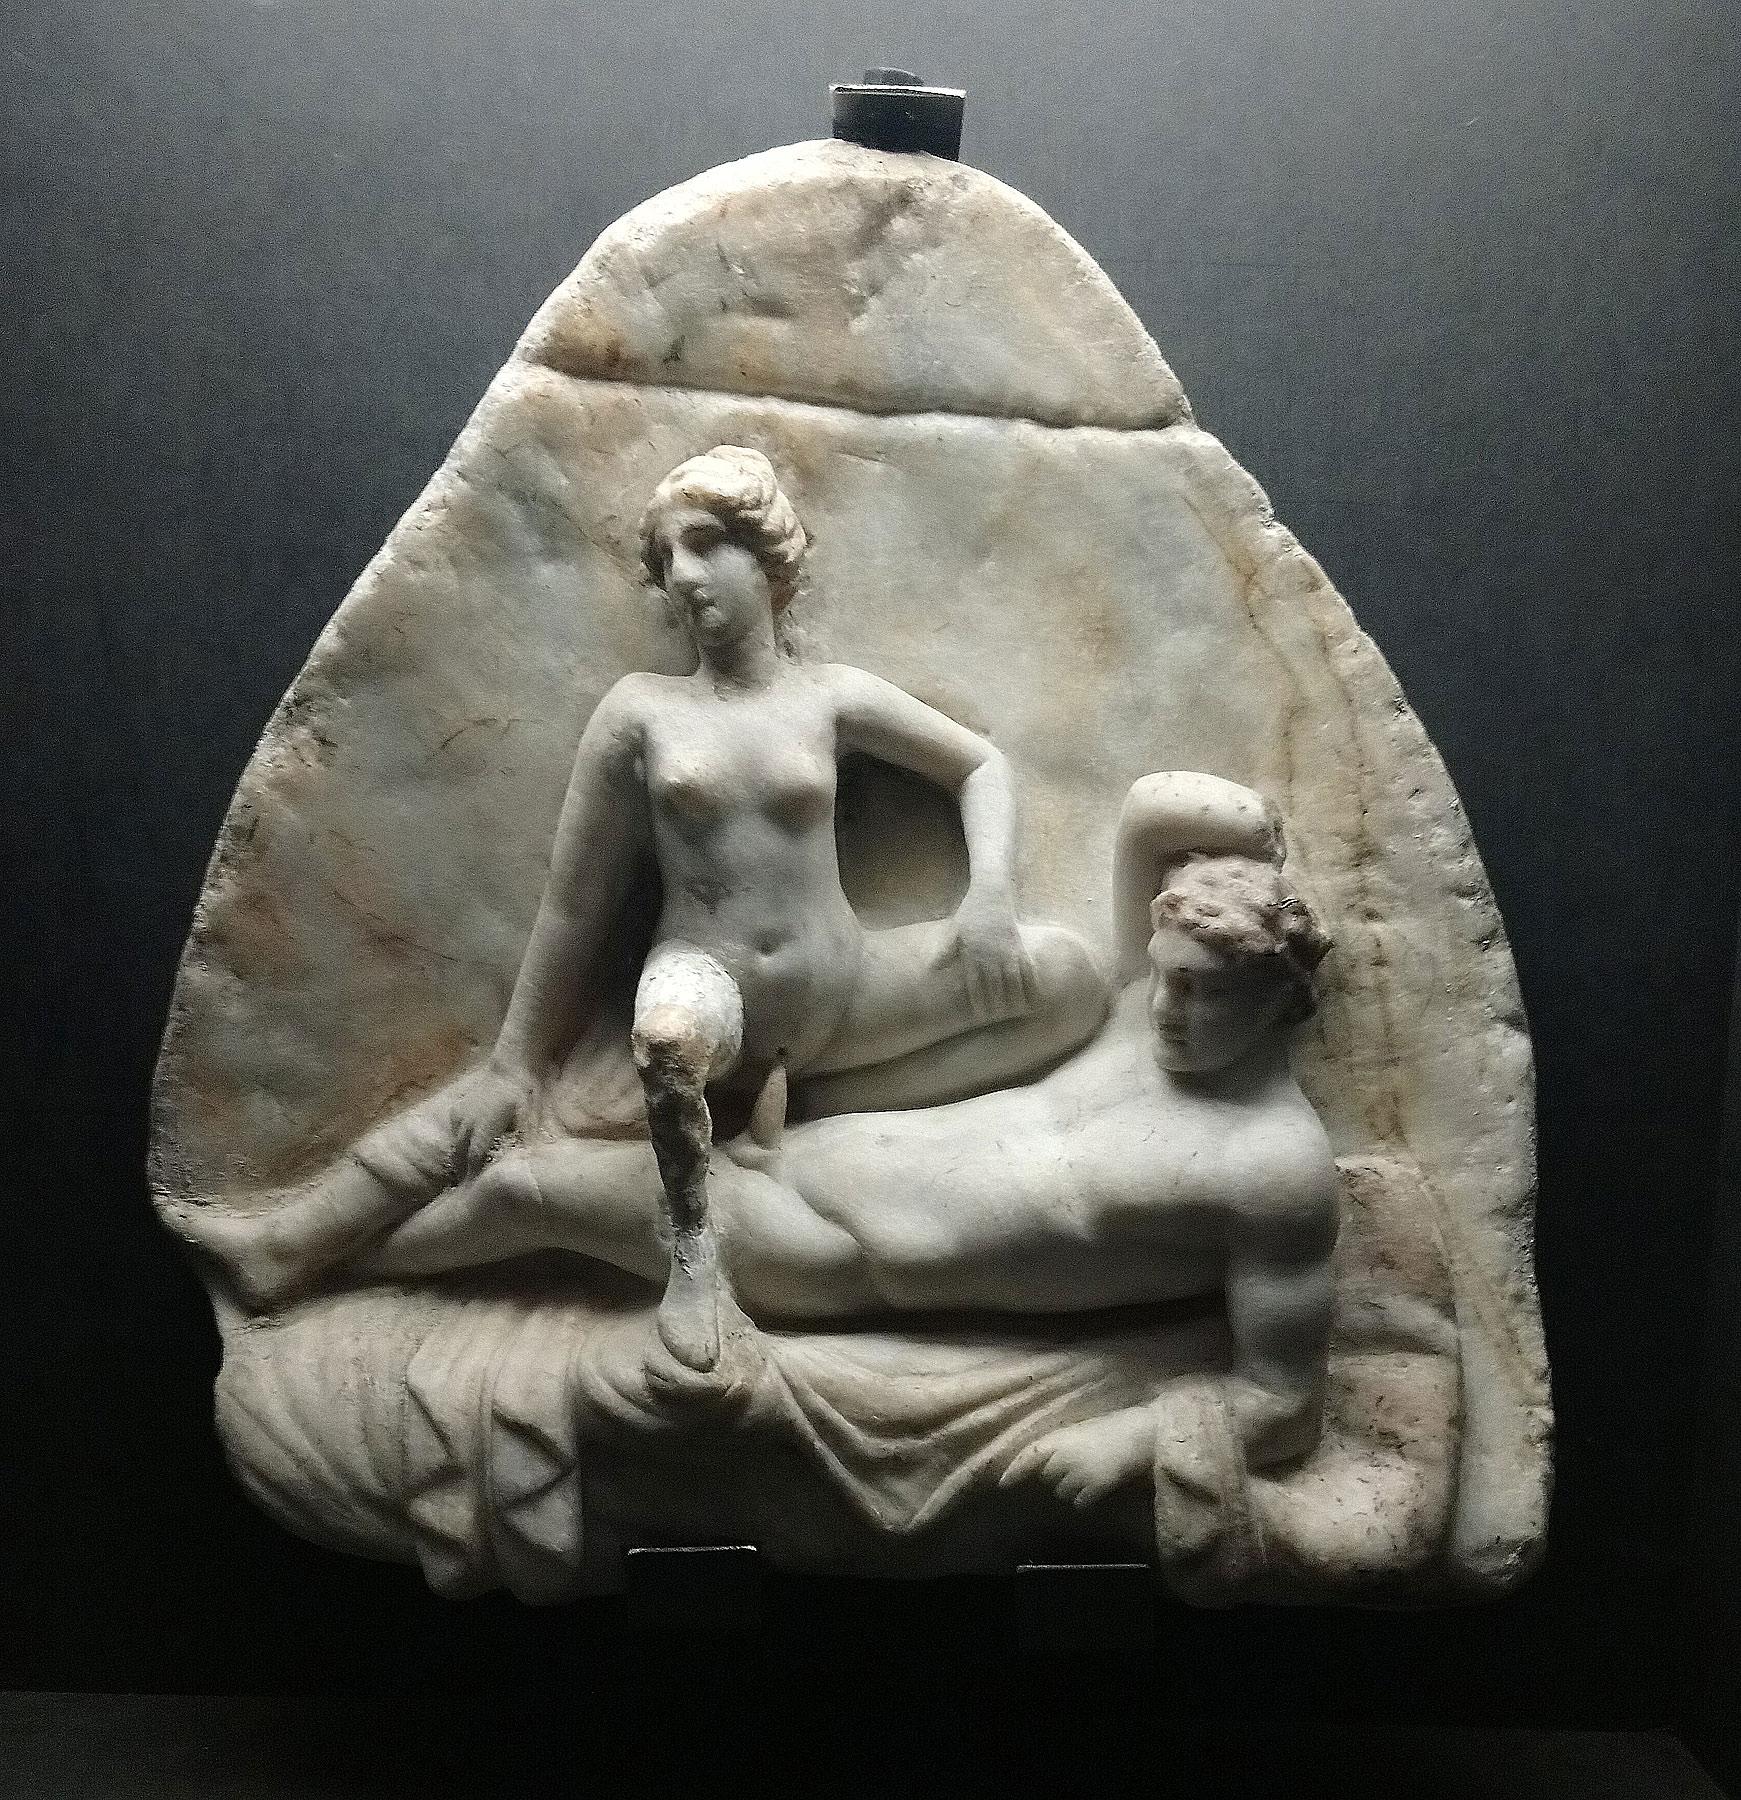 Arte romana, Rilievo con scena erotica (50 d.C. circa; marmo, 35 x 33 cm; Napoli, Museo Archeologico Nazionale, Gabinetto Segreto)